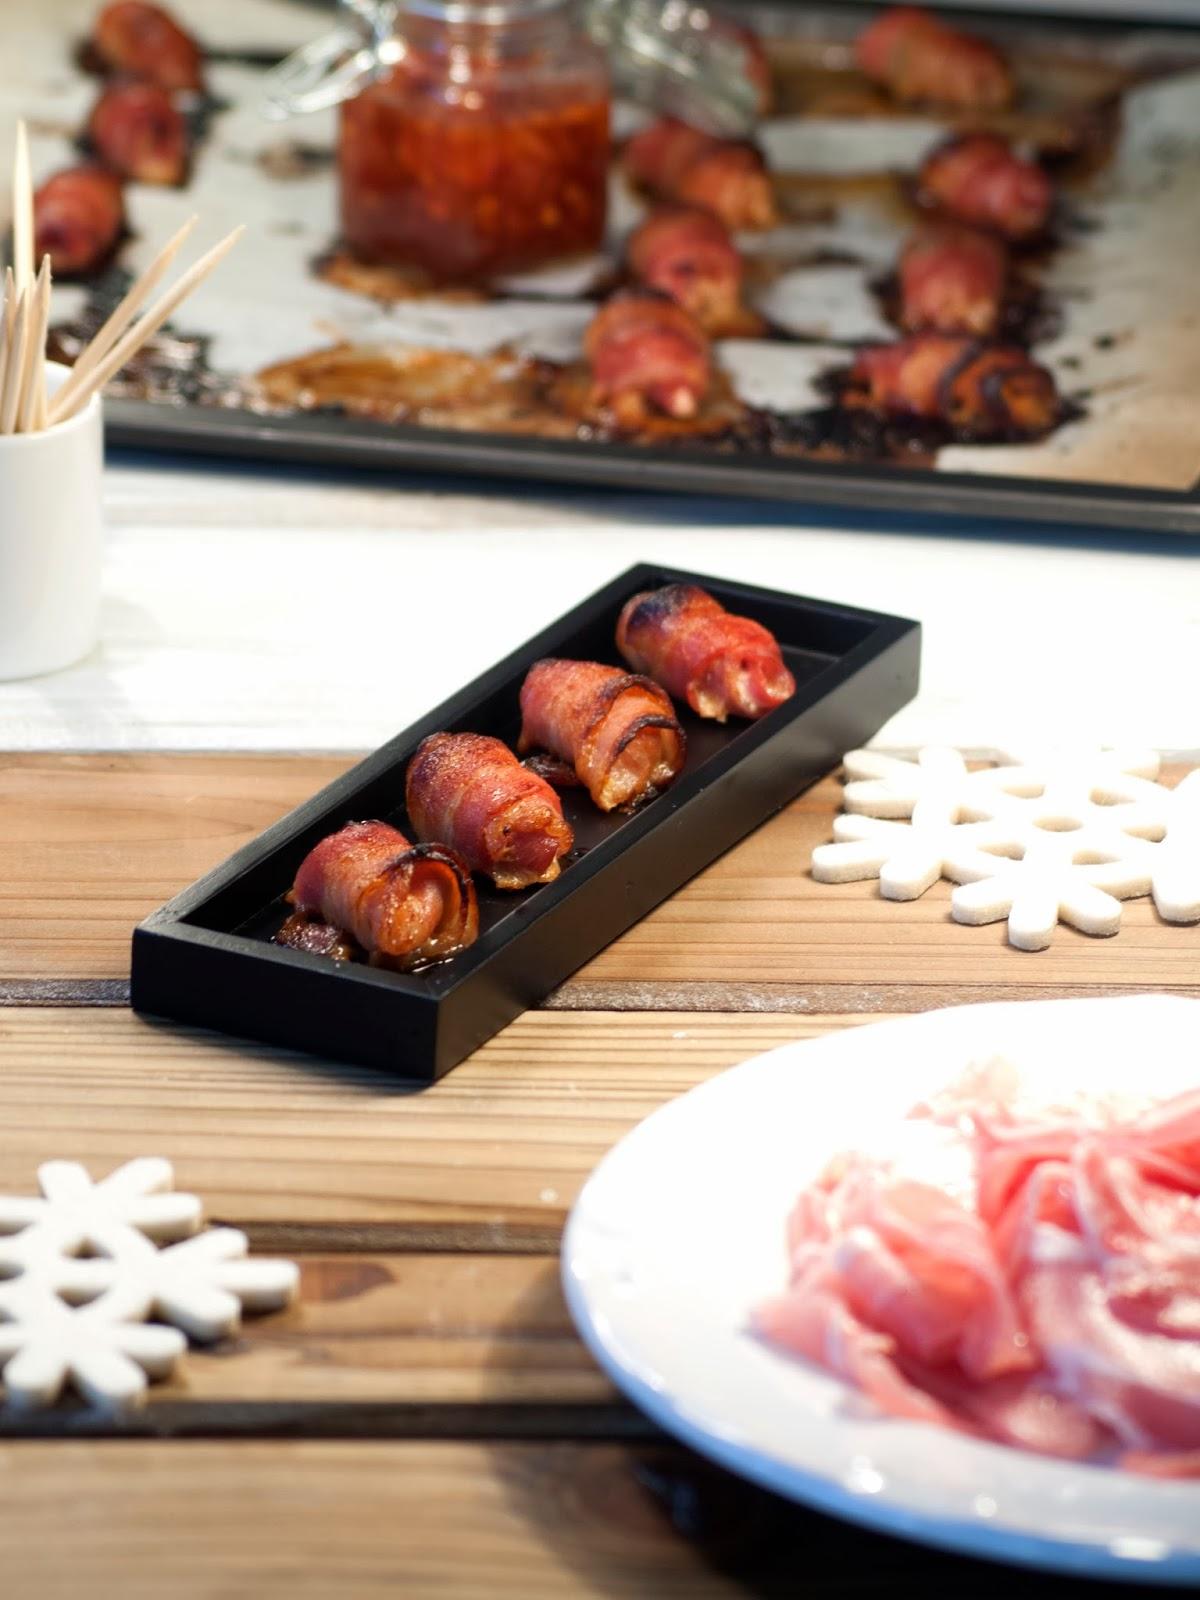 Amuse-bouches de bacon fourrés aux moules, champignons et à l'échalote, amuse bouche, amuses bouches, recette bacon